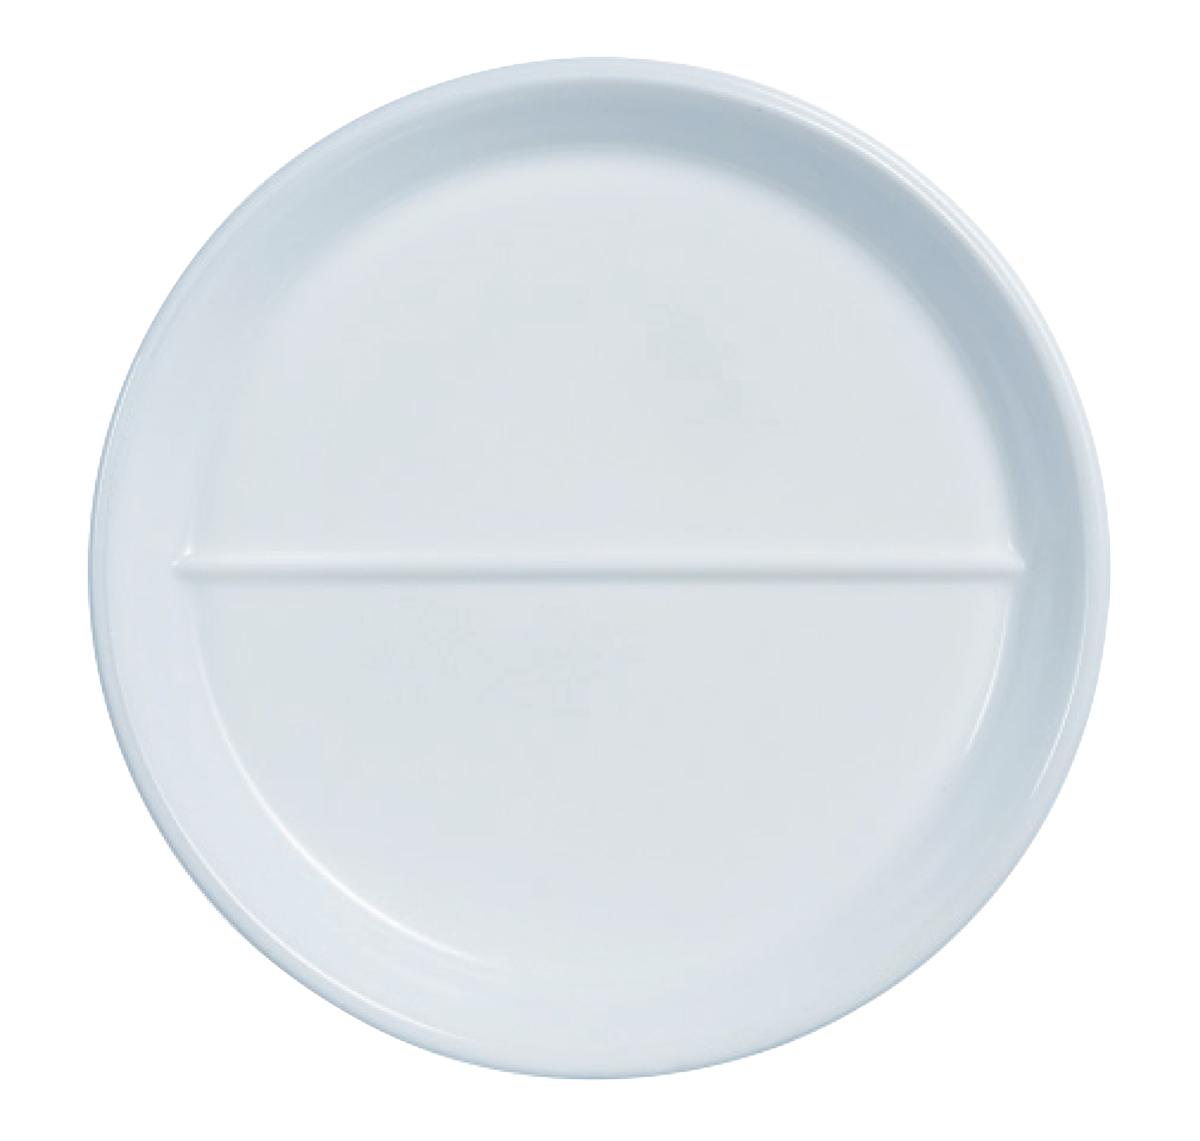 Assiette creuse ronde blanc verre Ø 23 cm Heat System Arcoroc